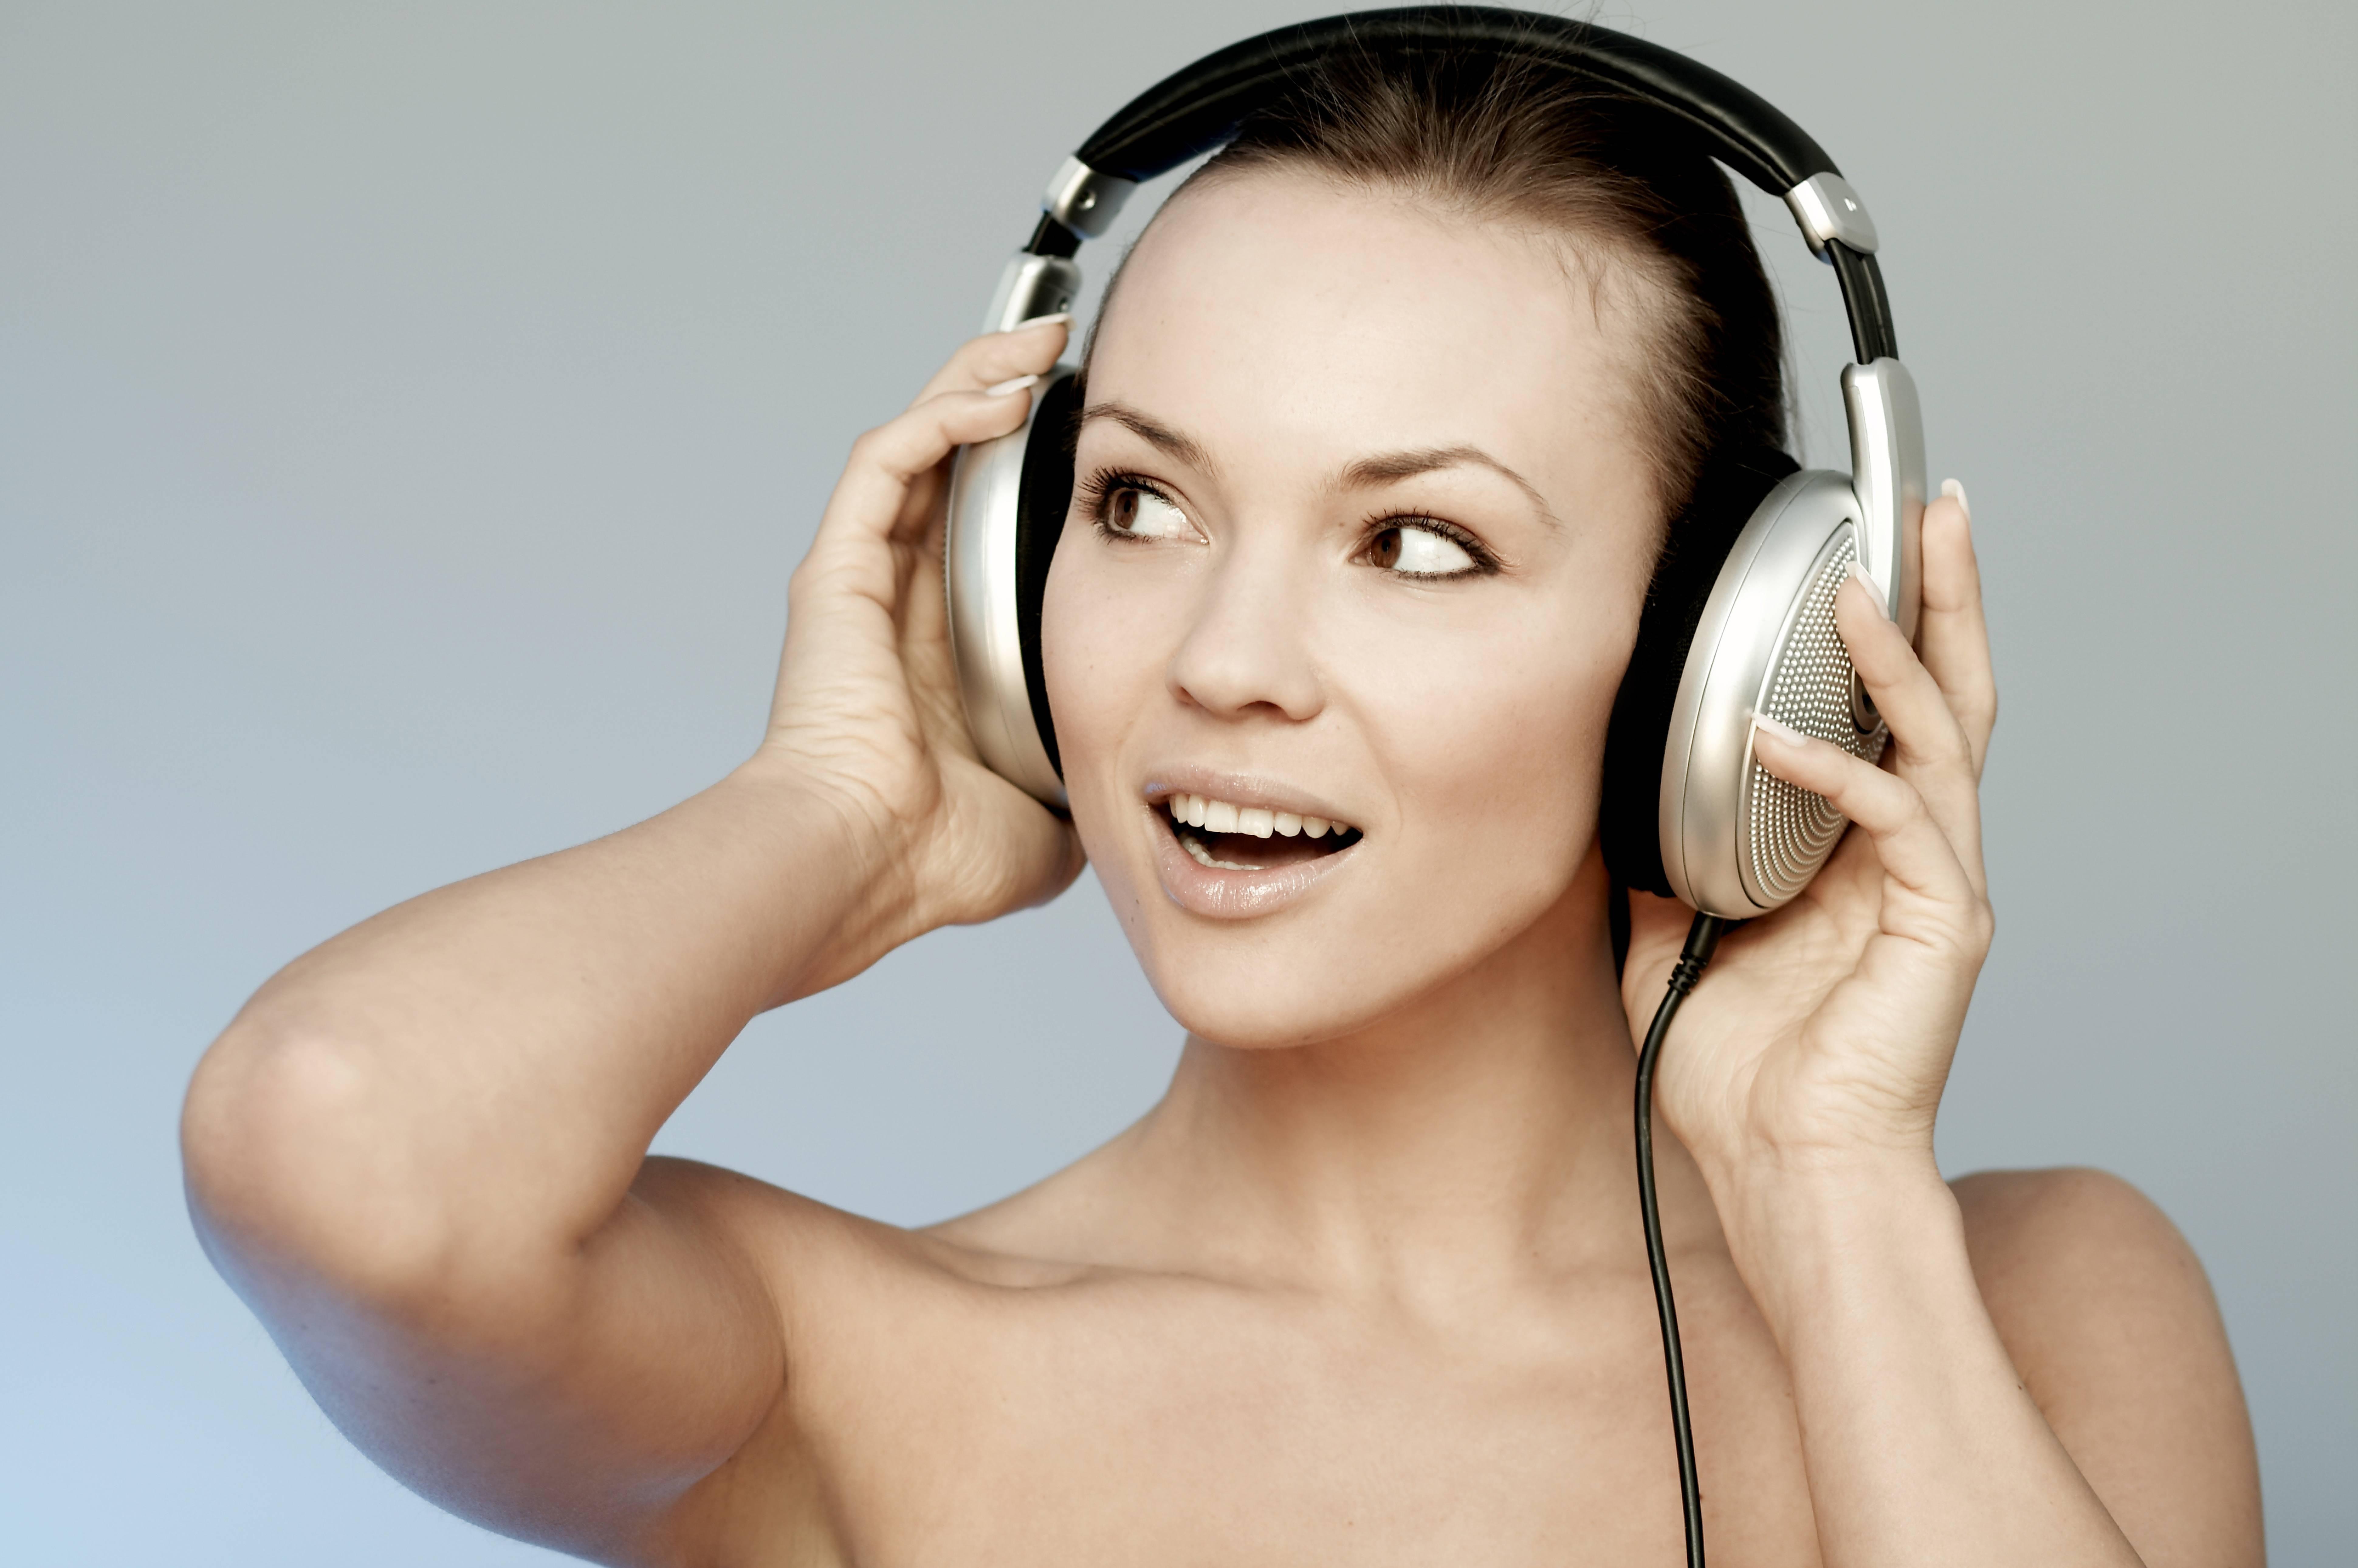 Представляем вам список песен комиссар к прослушиванию, ваша песня комиссар - моя девчонка с другим танцует первая в списке и уже проигрывается в плеере.